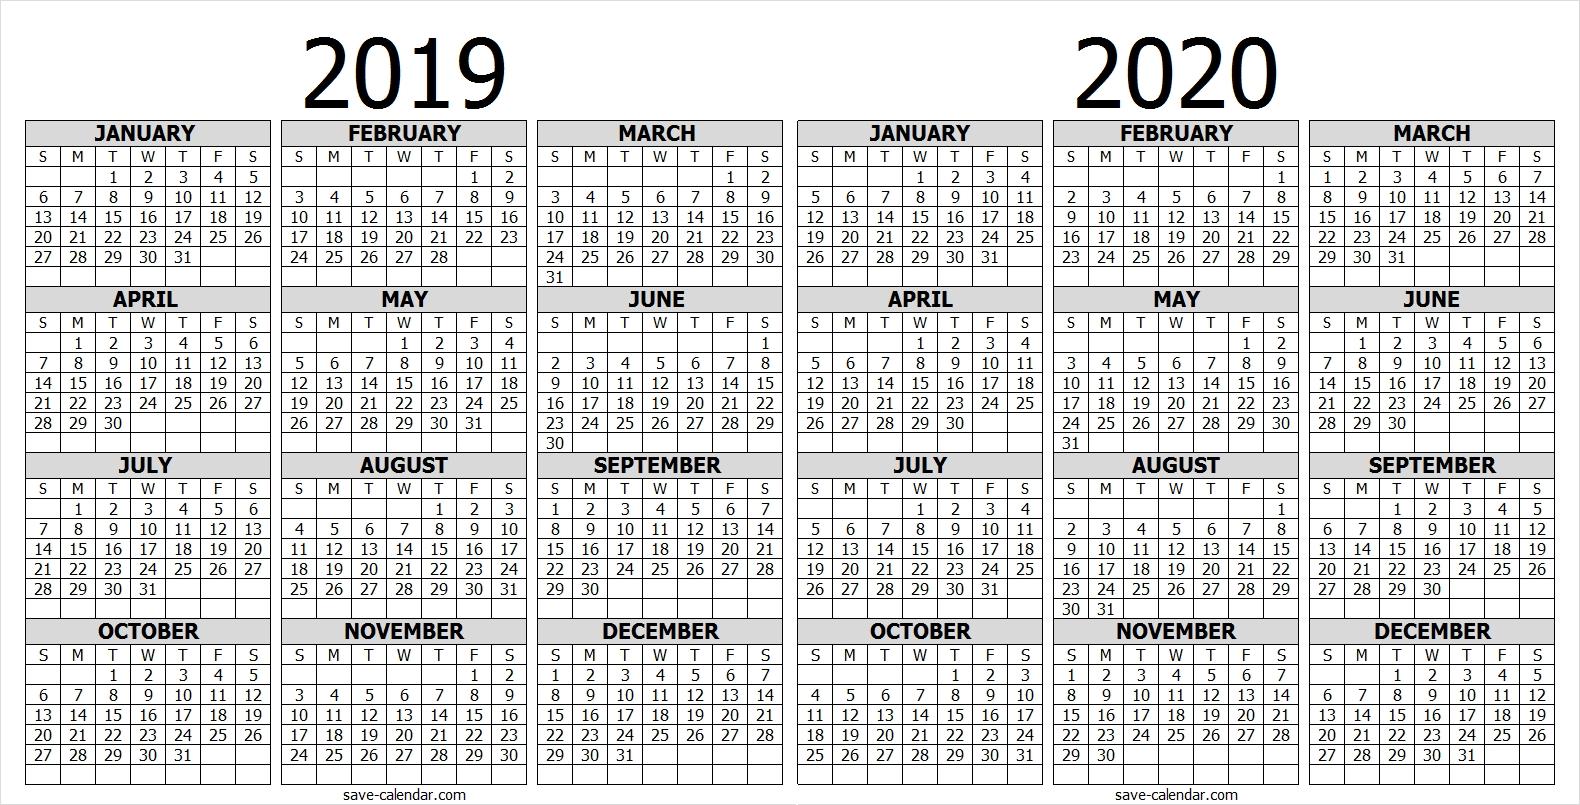 Calendar 2019 2020 One Page | 2019 Calendar | Free Calendar throughout Free Fillable Printable 2019 2020 Calendar